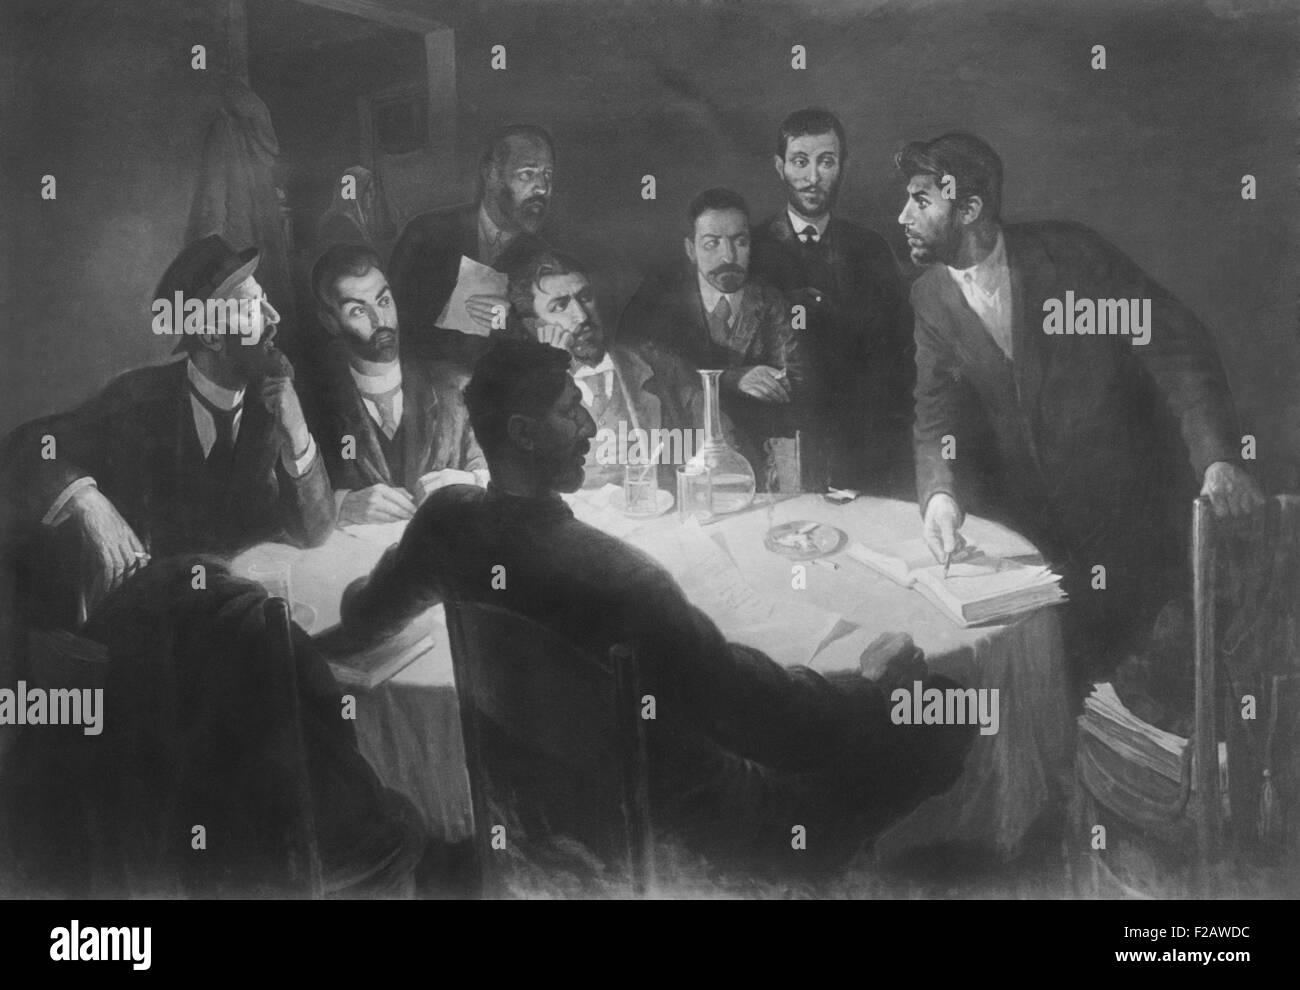 Josef Stalin dirigiendo una reunión con sus compañeros en el movimiento revolucionario. Reproducción Imagen De Stock